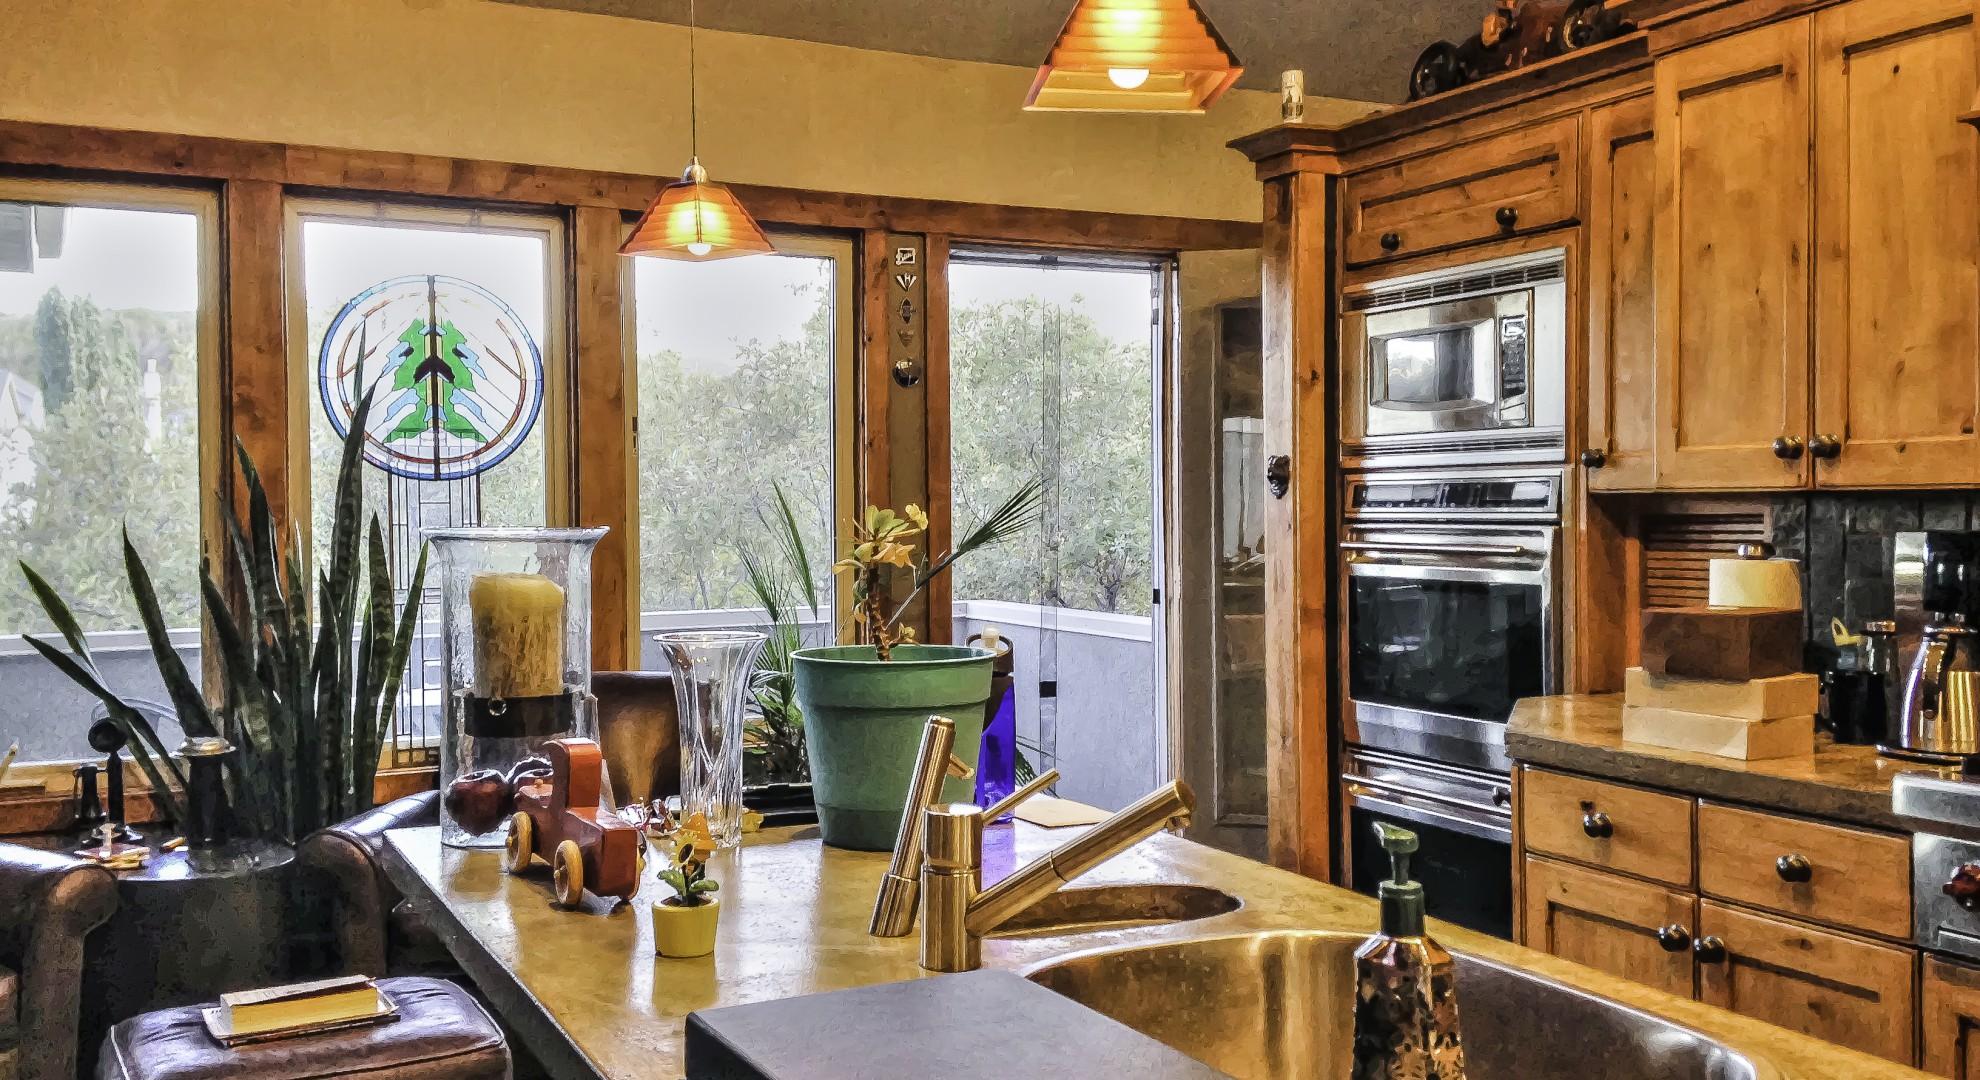 Kitchen Remodel Salt Lake City. Salt Lake City Remodeling   Knodel Construction